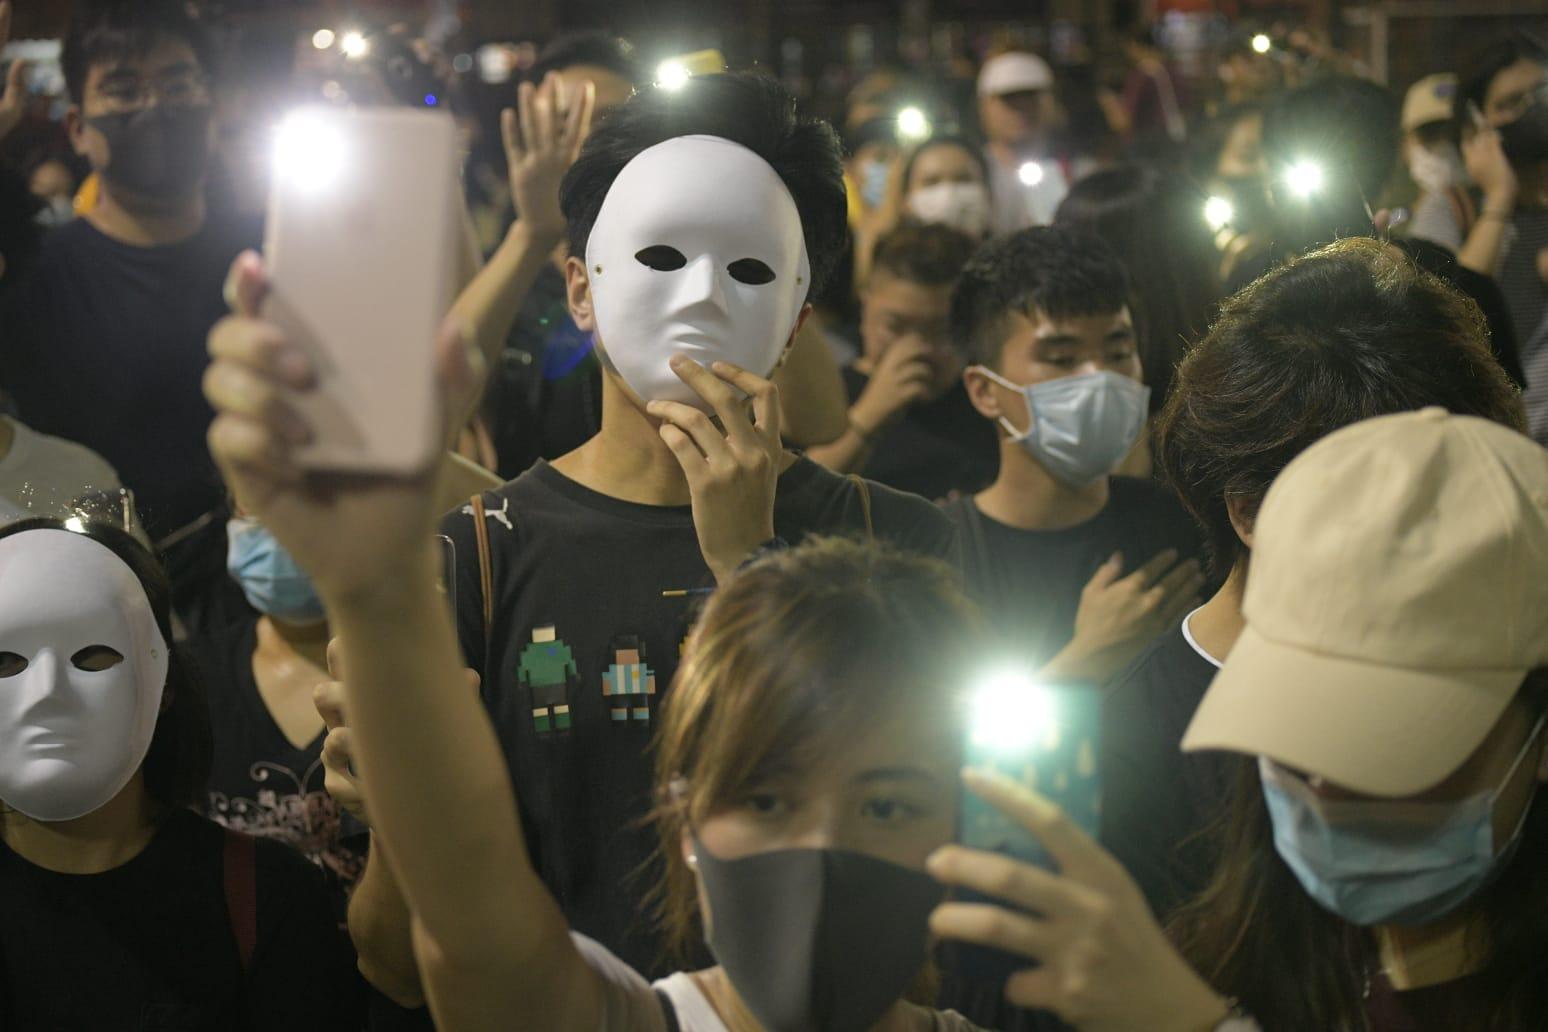 大批示威者蒙面抗議《反蒙面法》。